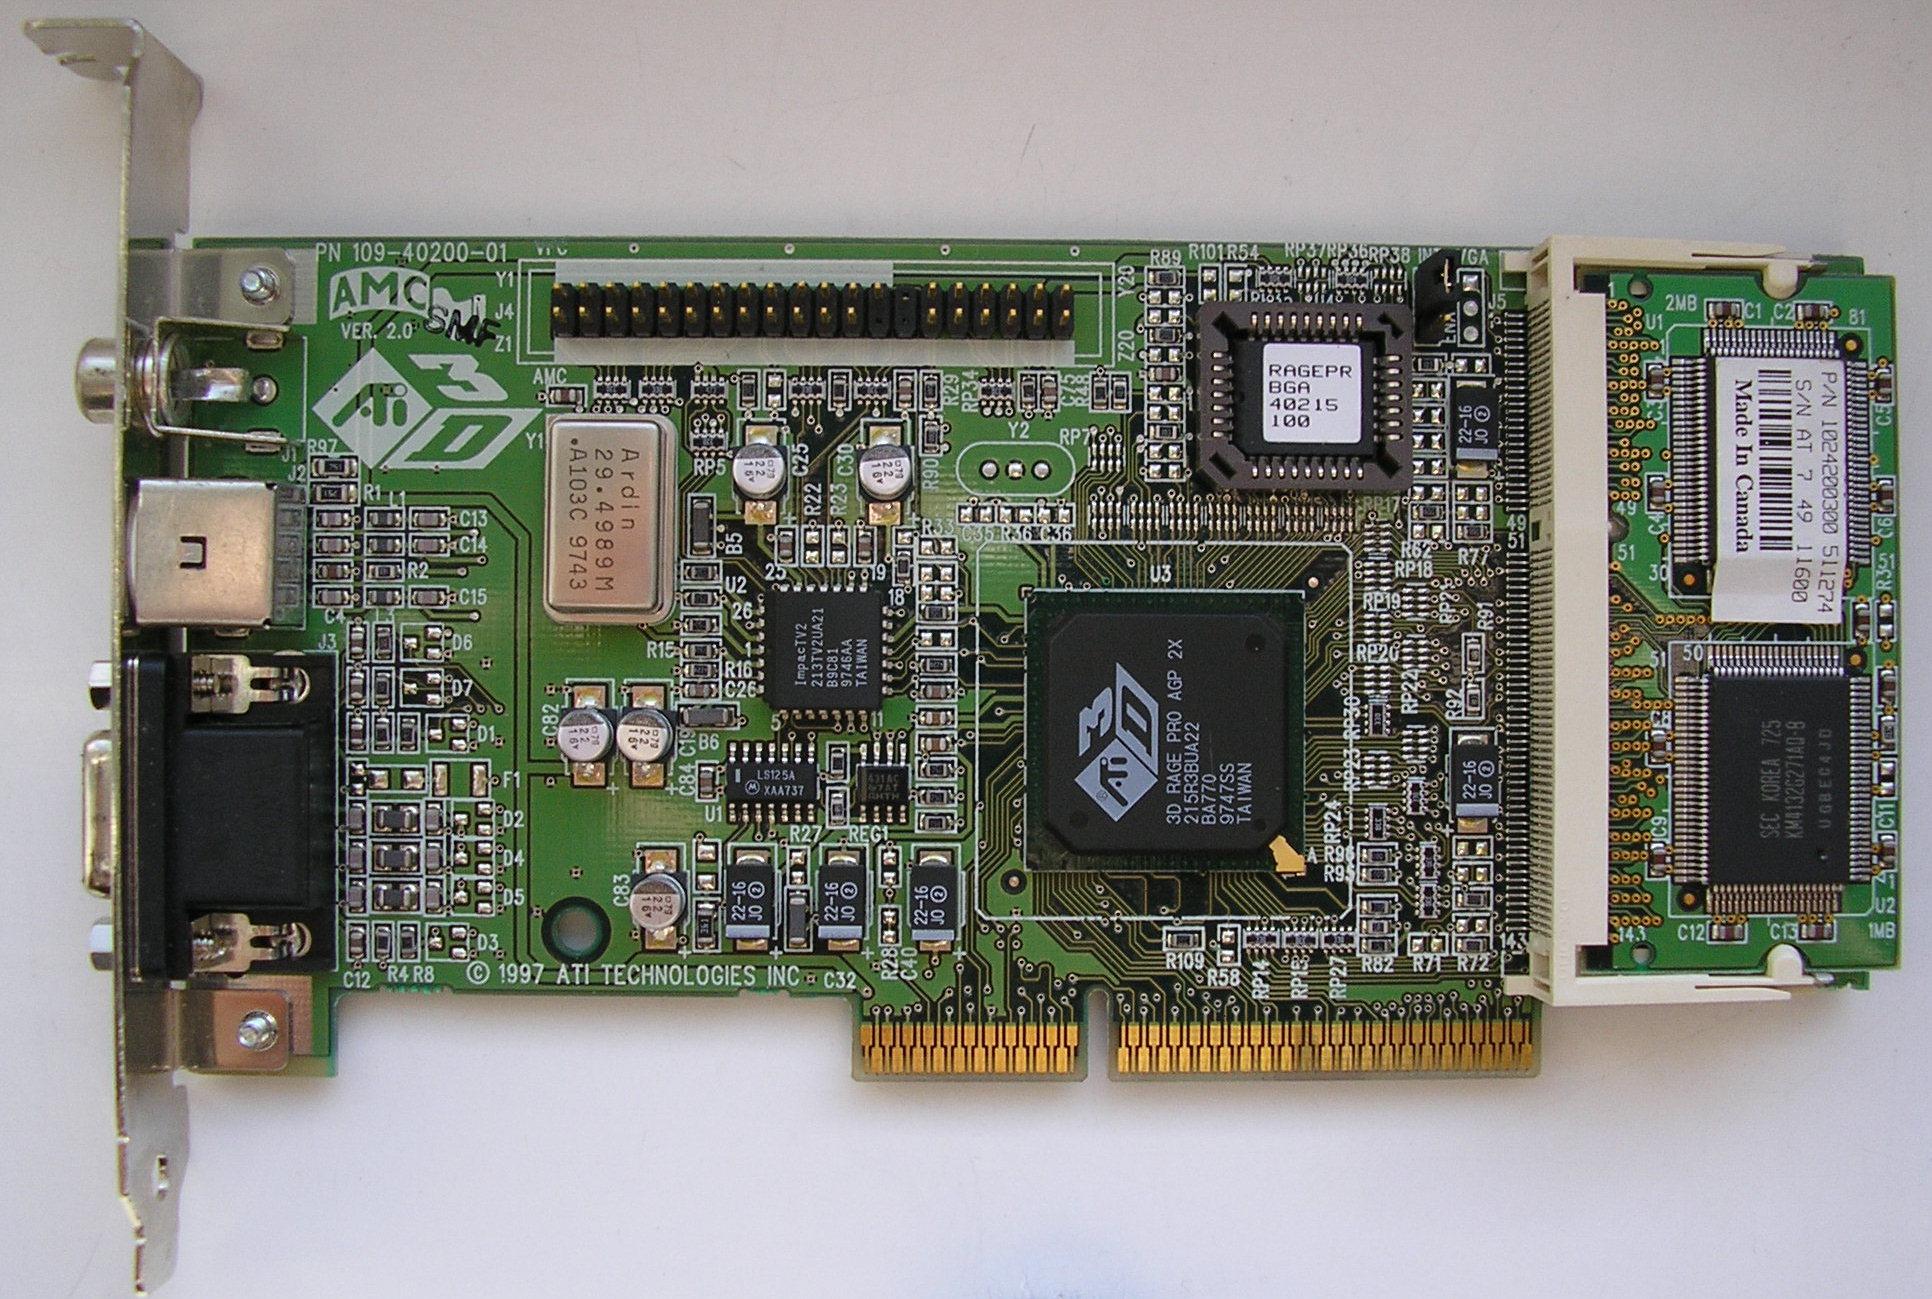 OpenGL - Win98 - ATI Rage Pro